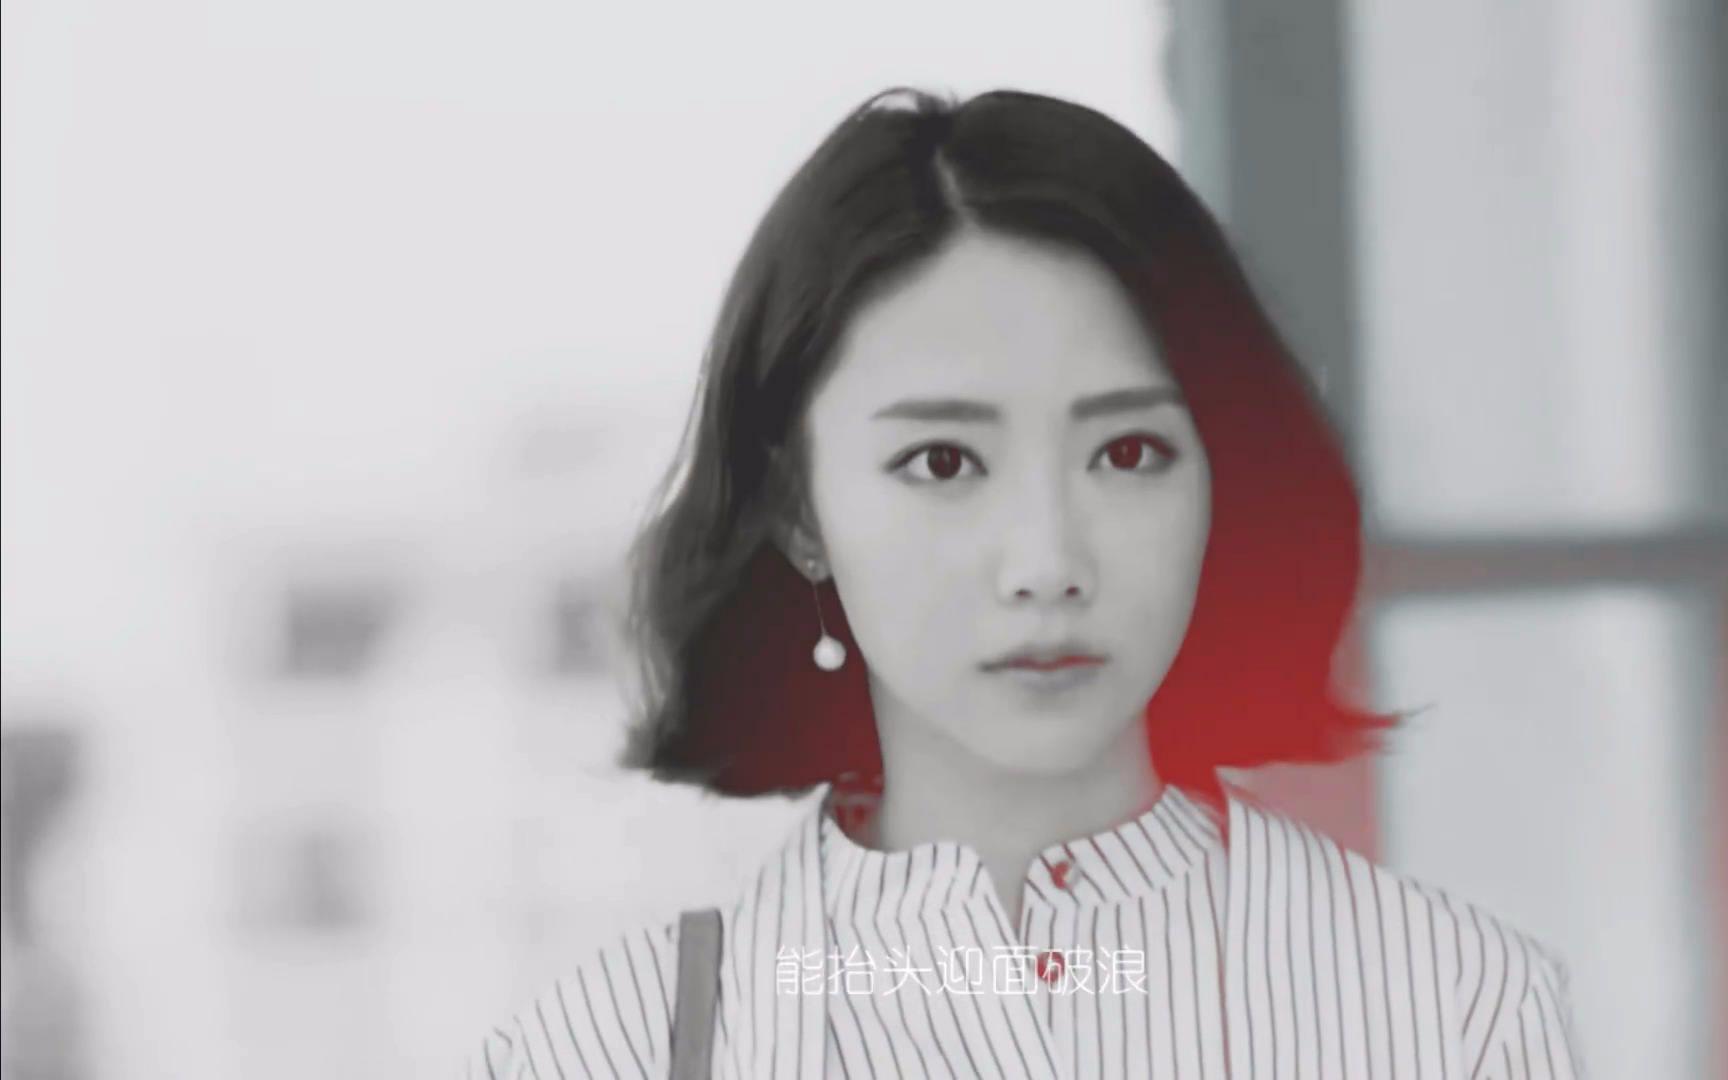 【王萌黎】行者(巫靓靓打戏混剪)图片